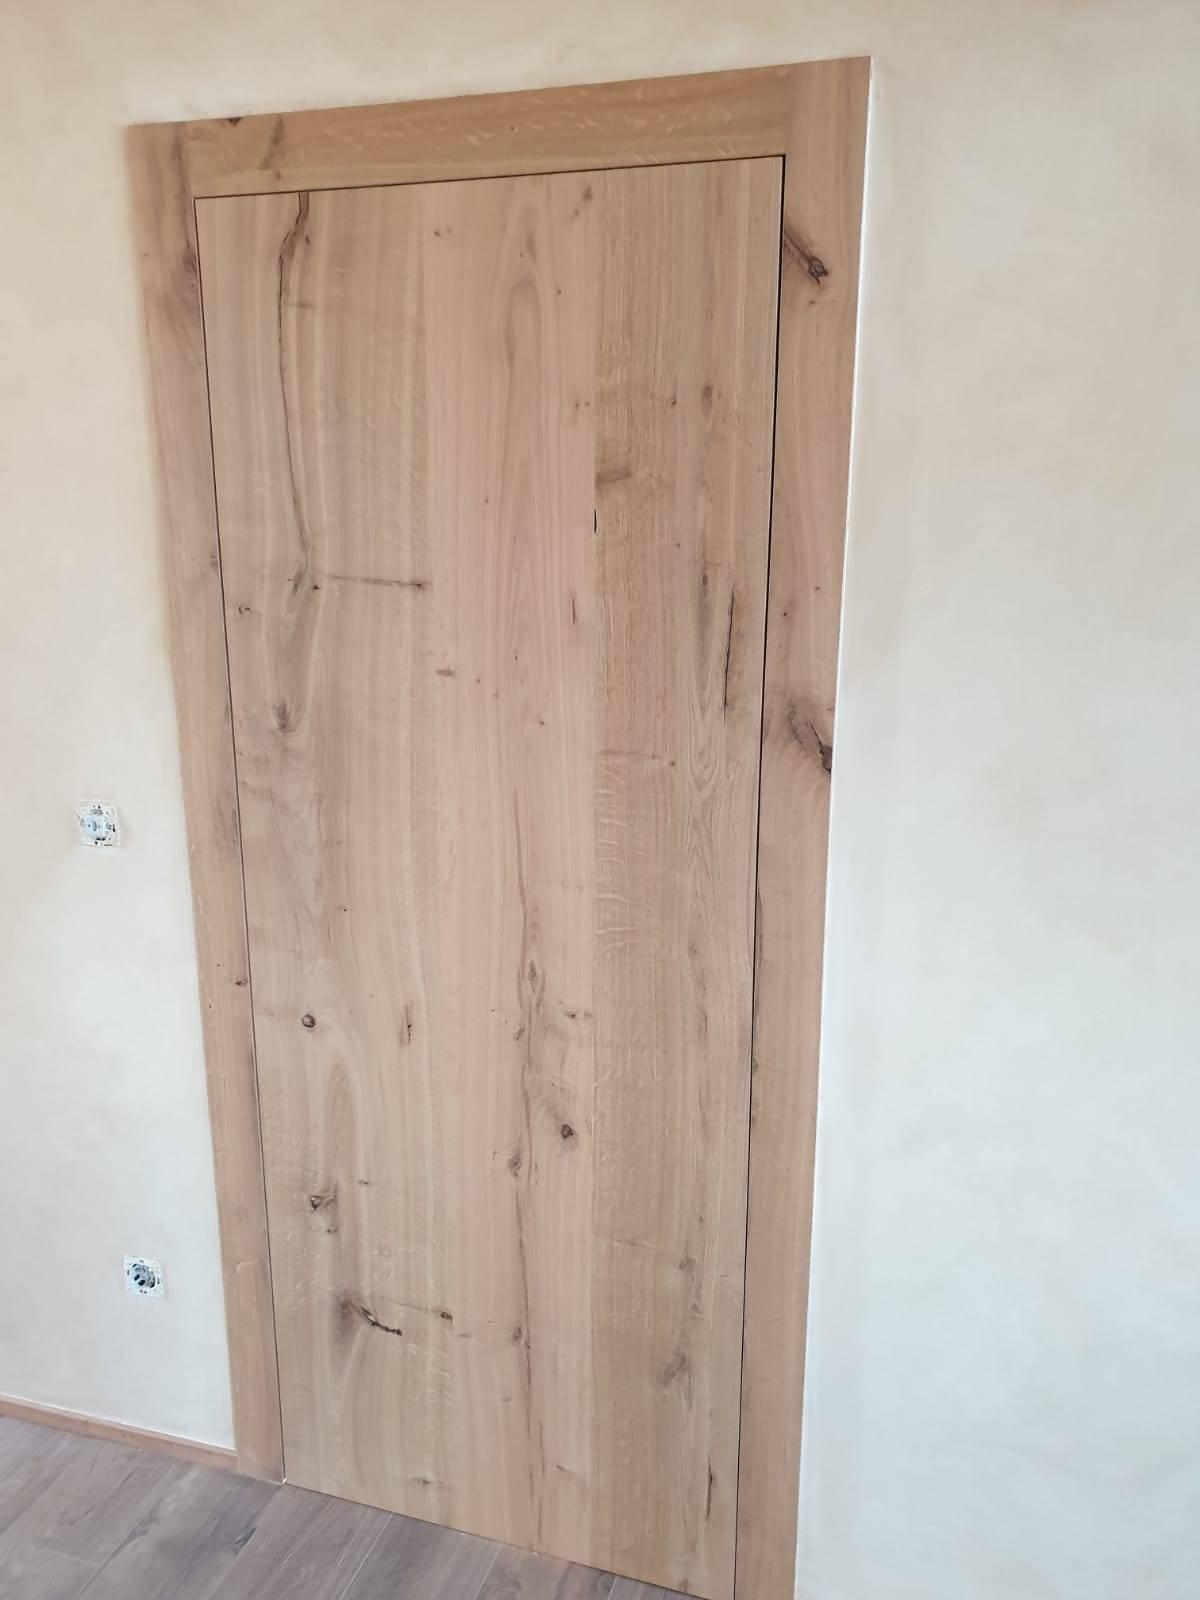 decoracion-rosa-lopez-decoradora-interiores-madera-mobiliario-pared-microcemento7